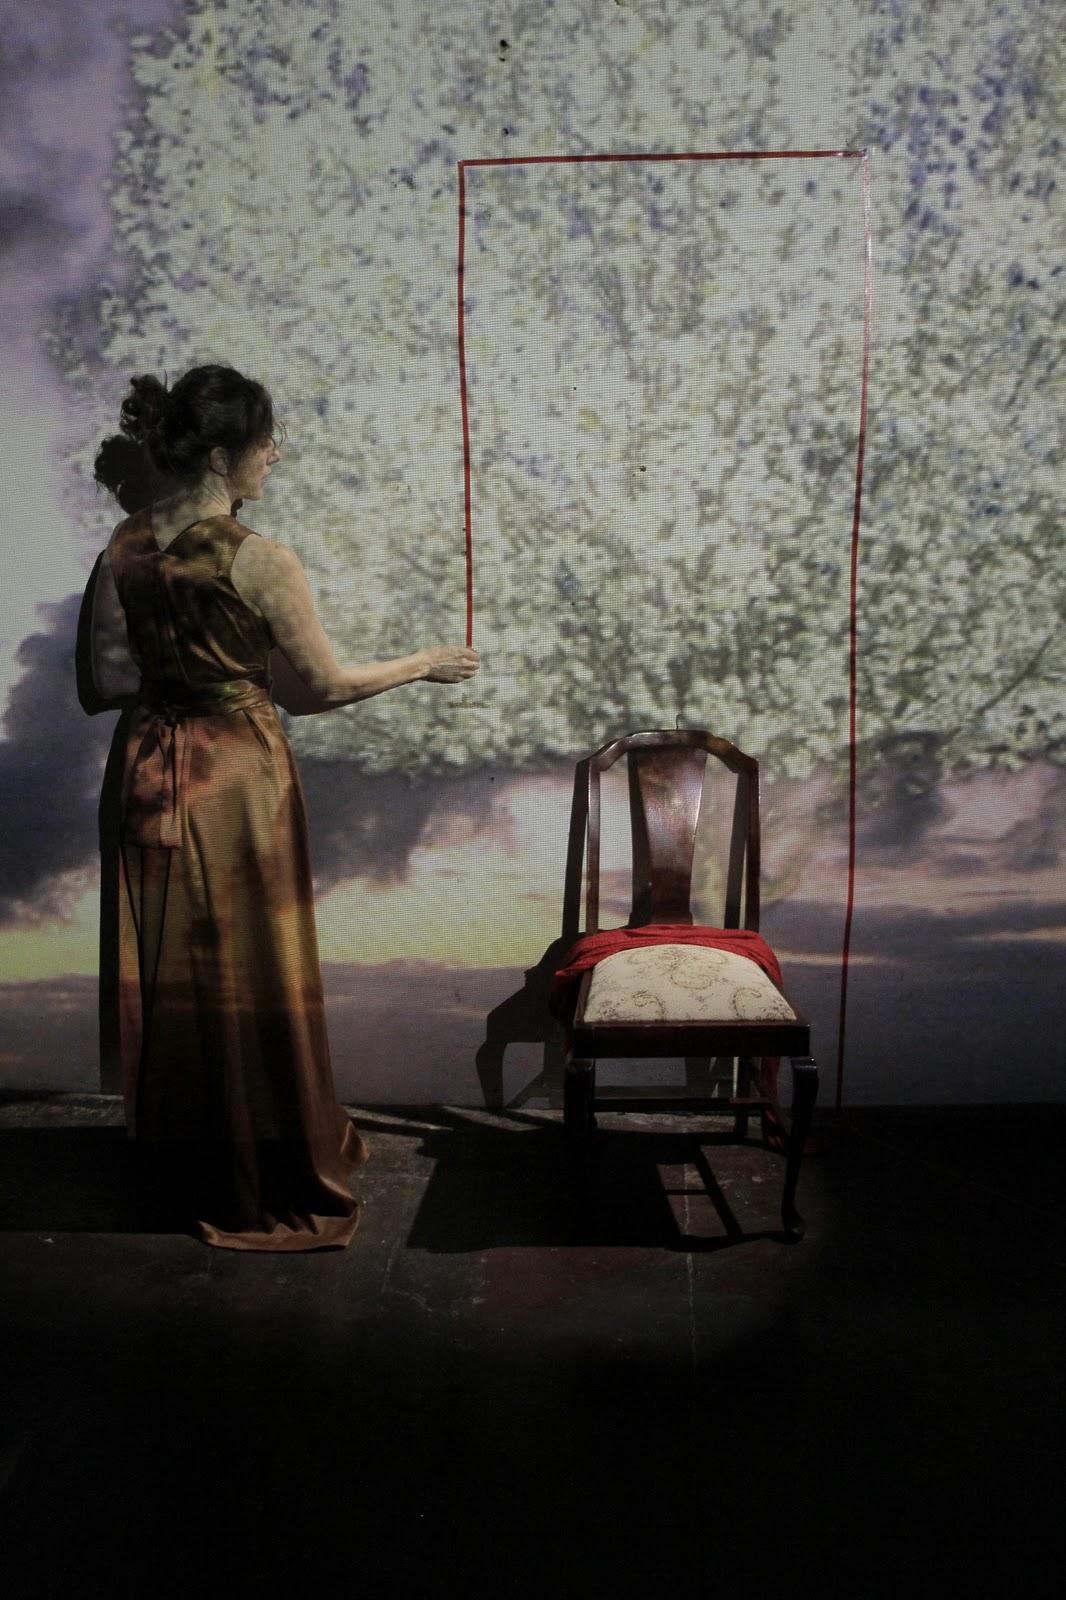 http://4.bp.blogspot.com/_m3zCk3SpXaY/TLEQXT9FBnI/AAAAAAAAAMU/ooxqPM4f6FU/s1600/no+door+rehearsal2.jpg